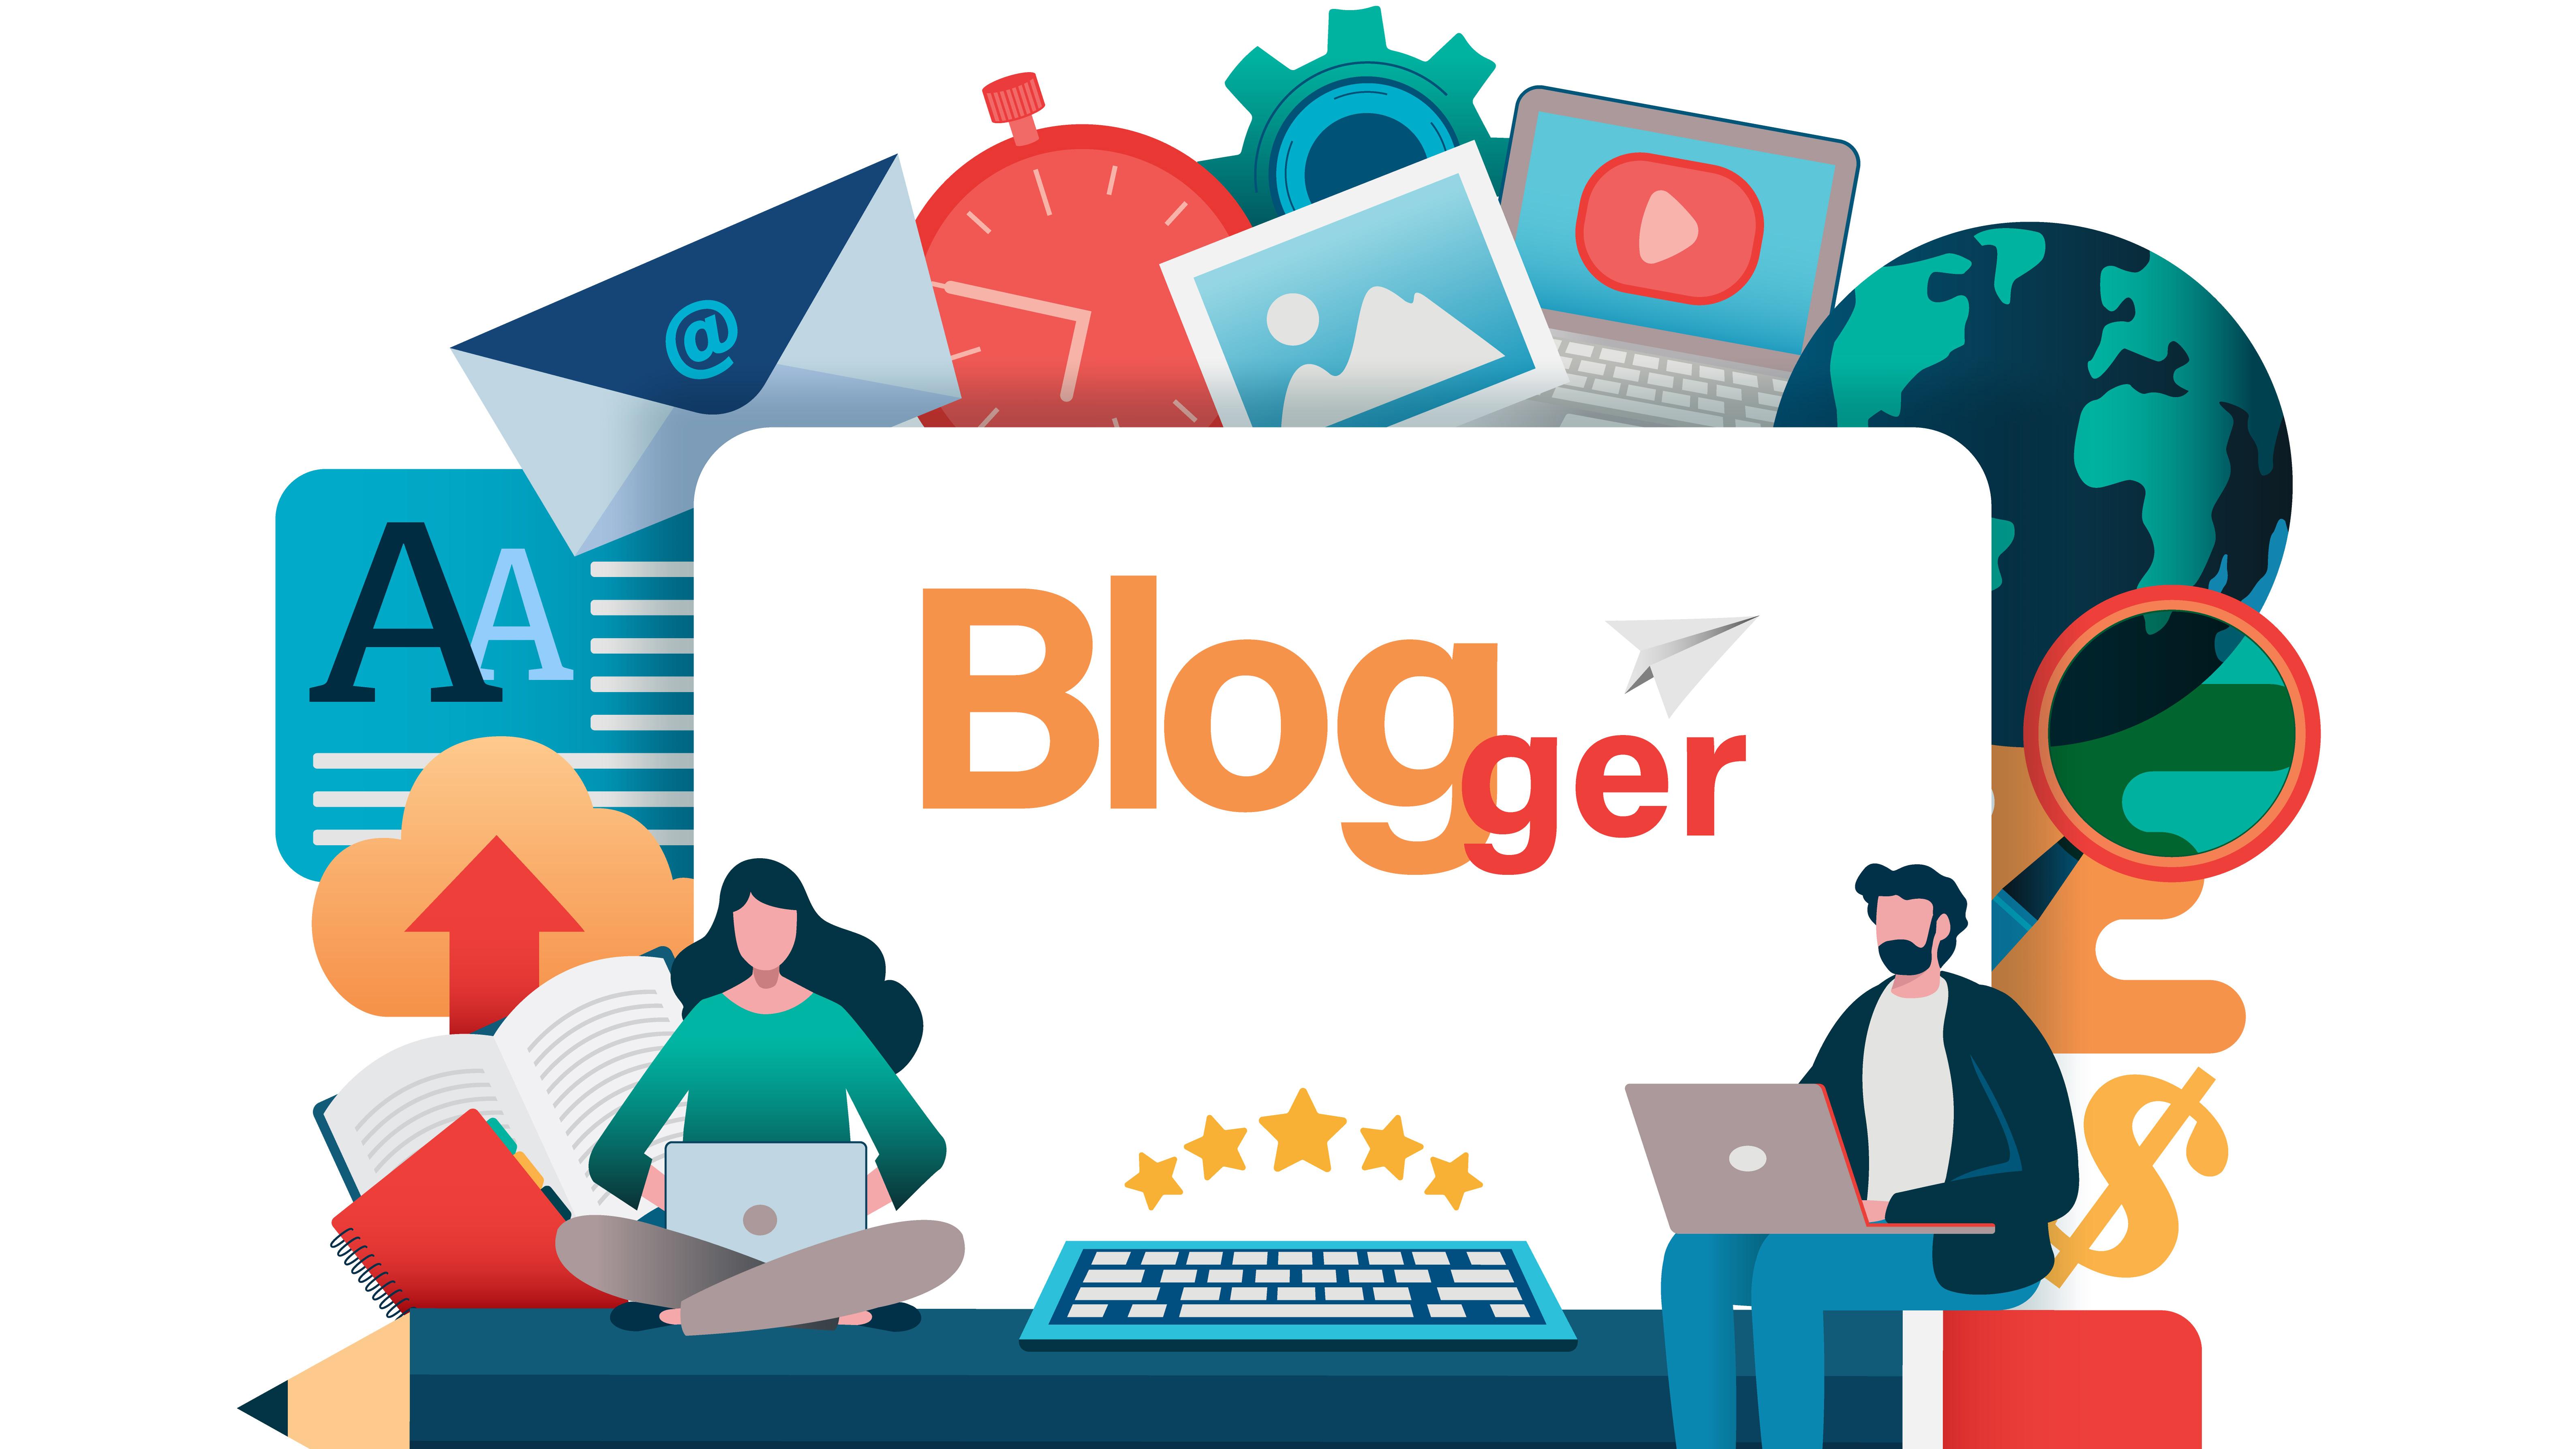 WordPressブログを開設する6つの手順【費用をペイする方法も解説】